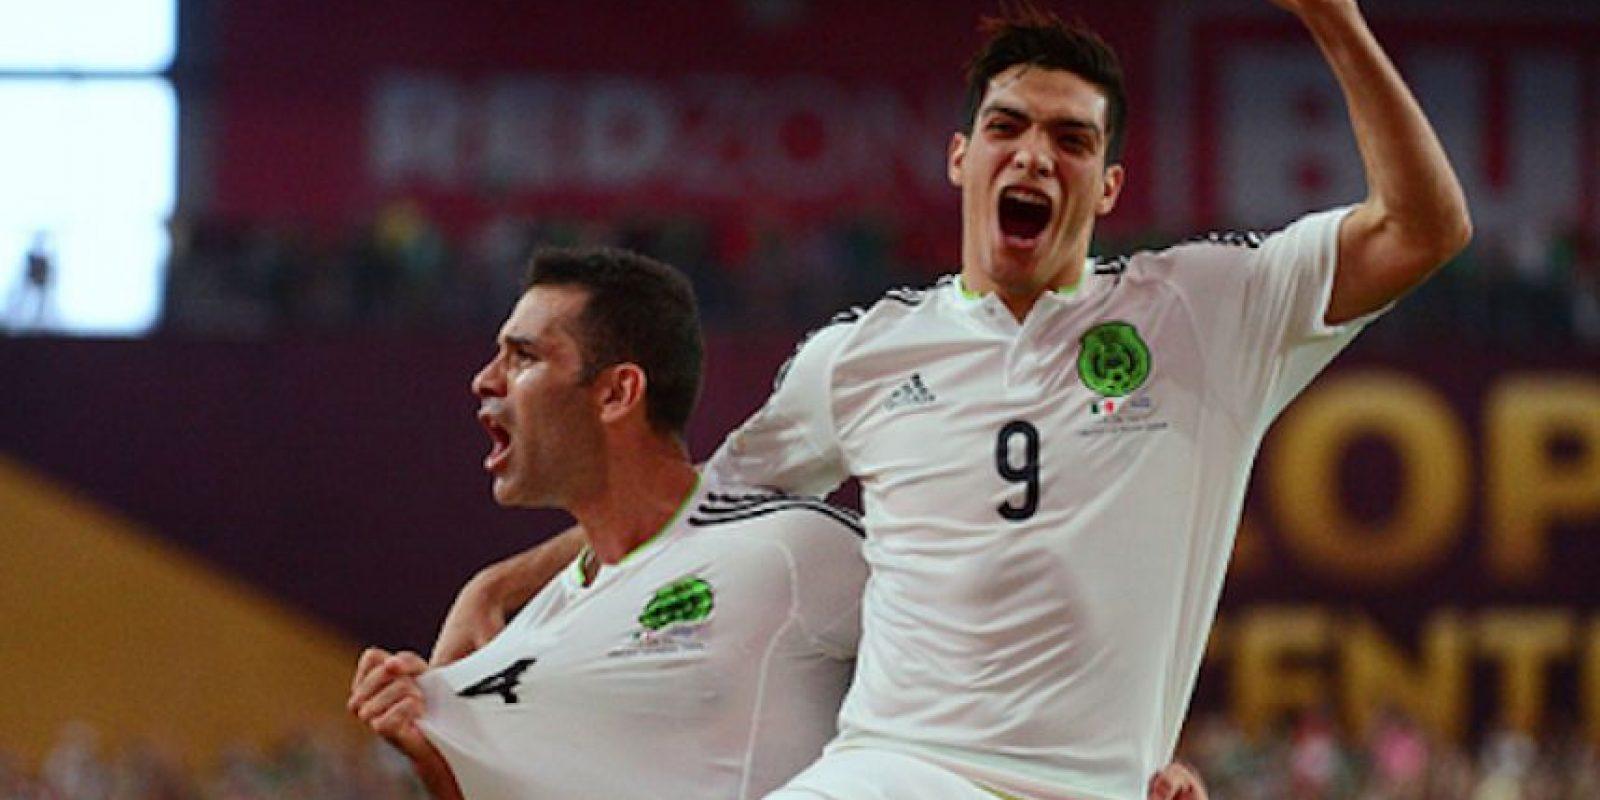 Algunos seleccionados mexicanos organizan torneos de este famoso videojuego. Foto:Getty Images